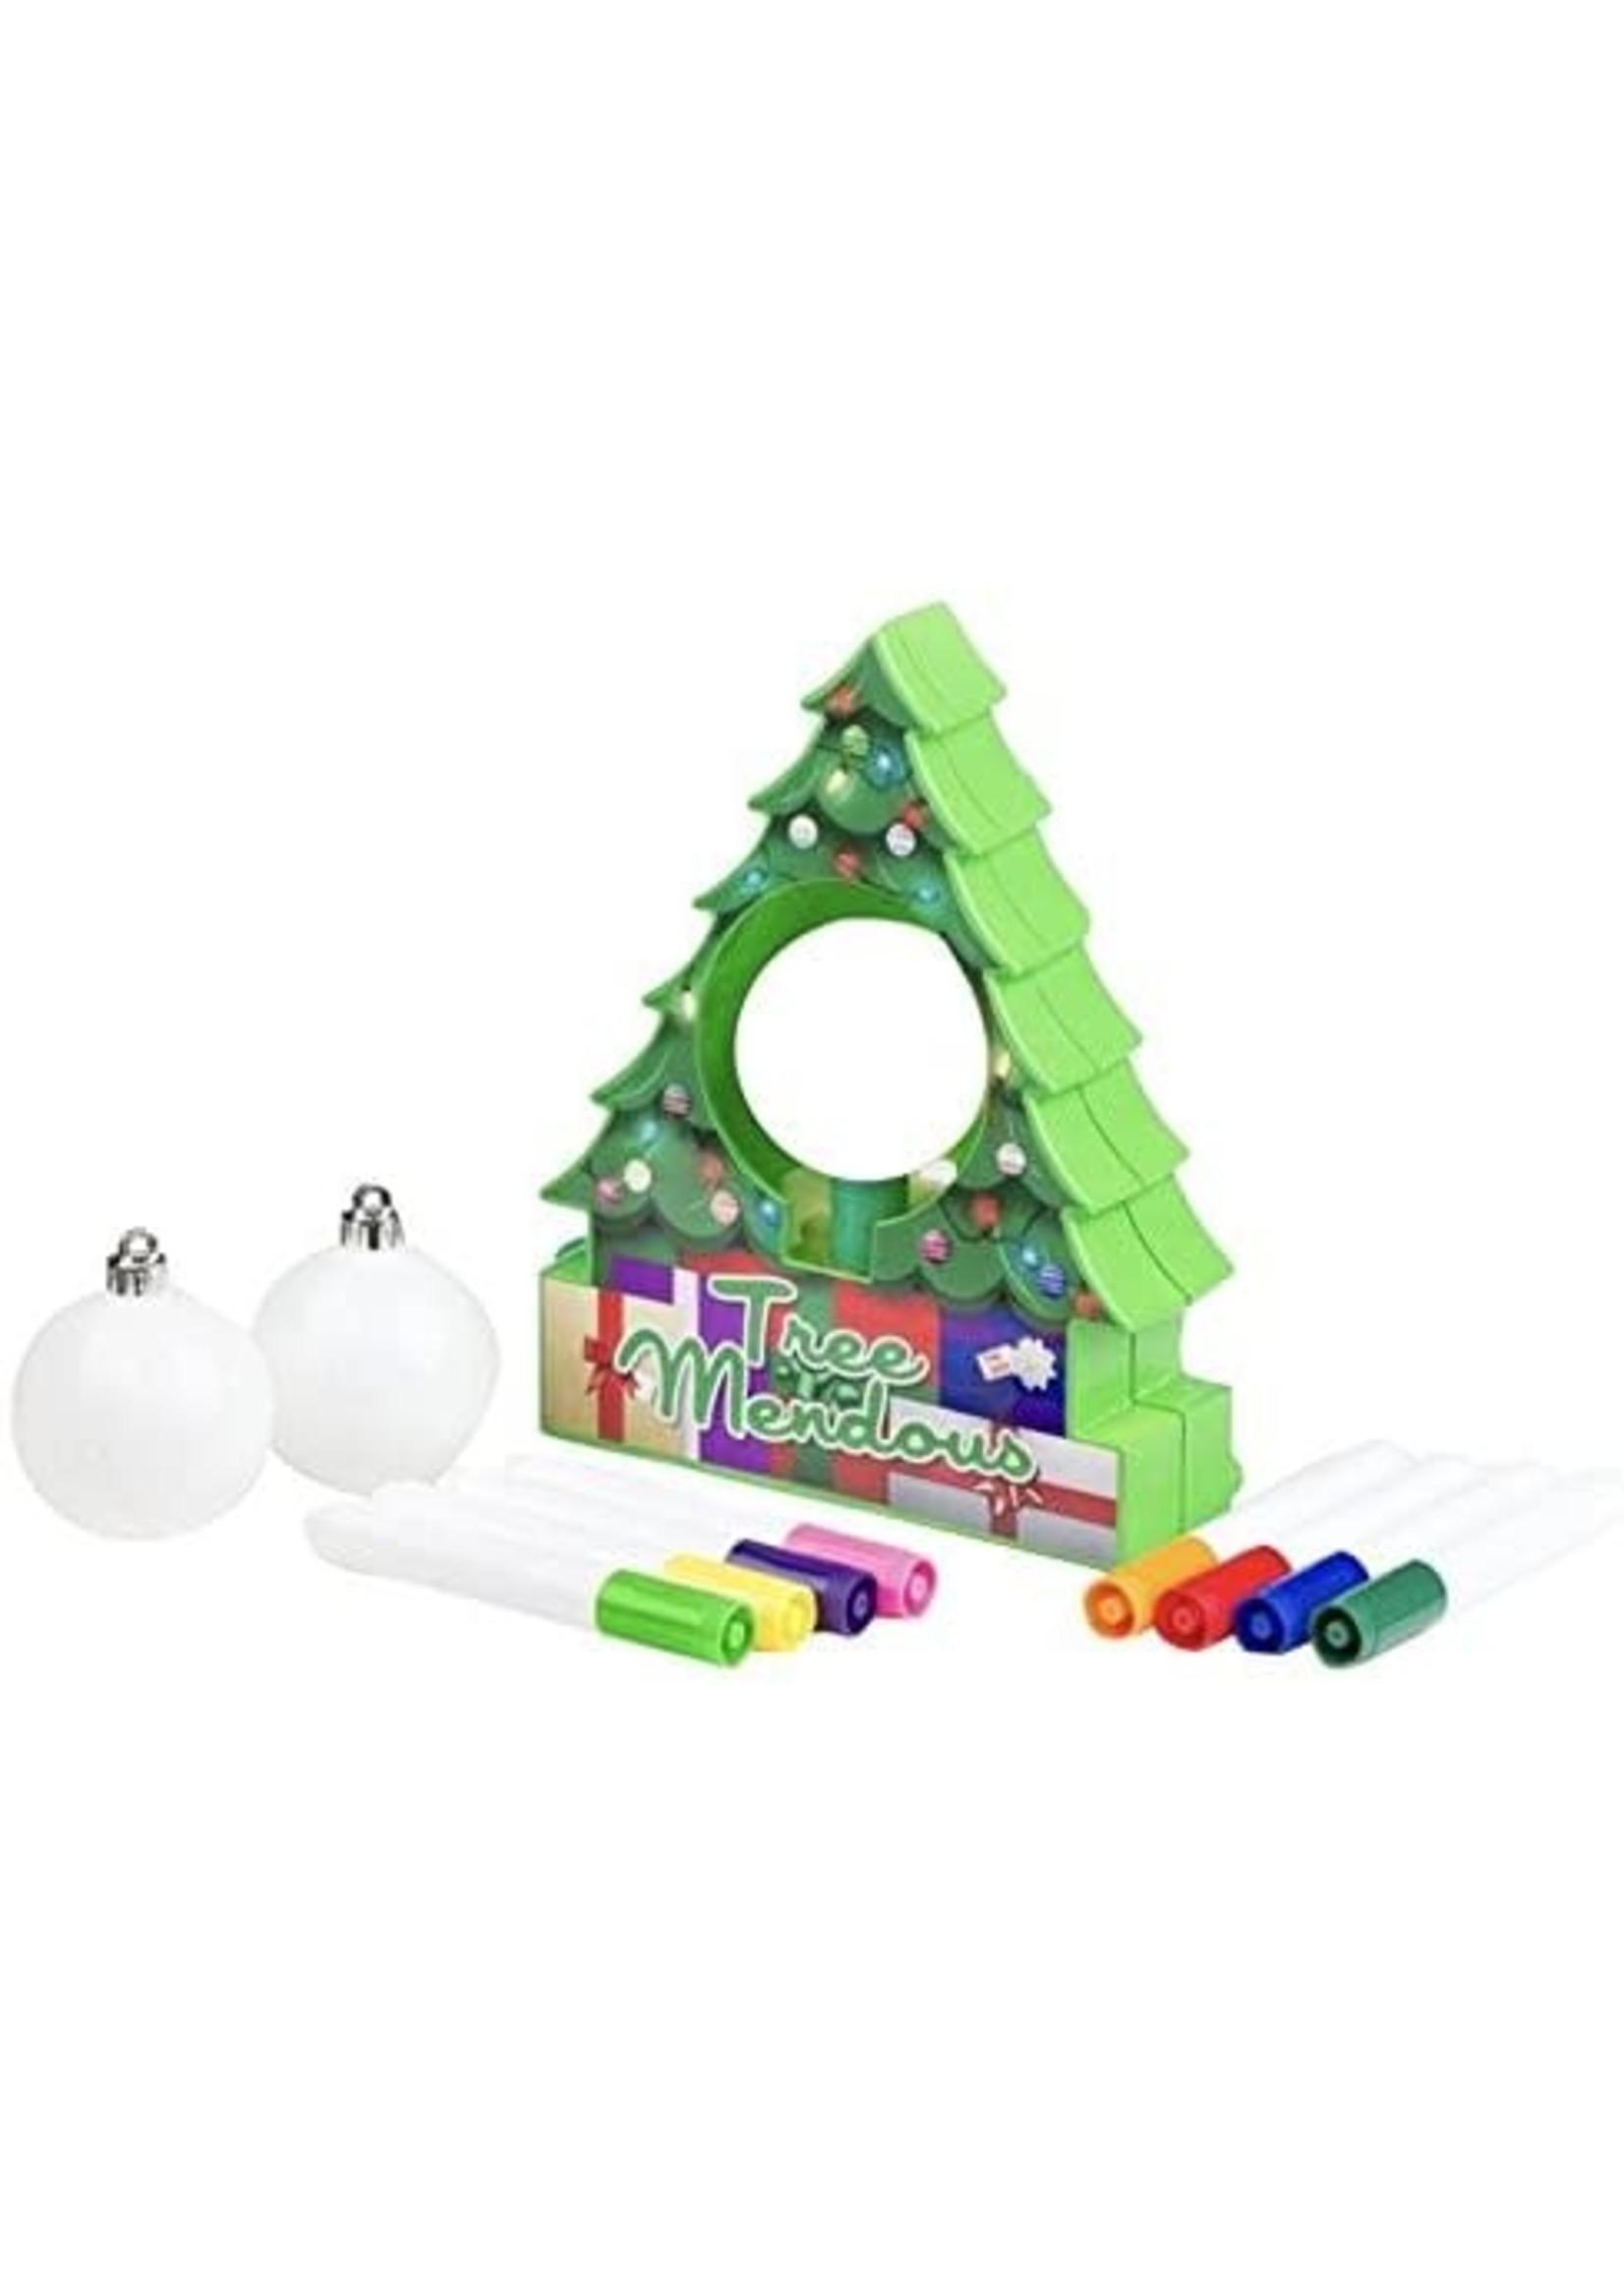 Eggmazing Treemendous Ornament Decorator